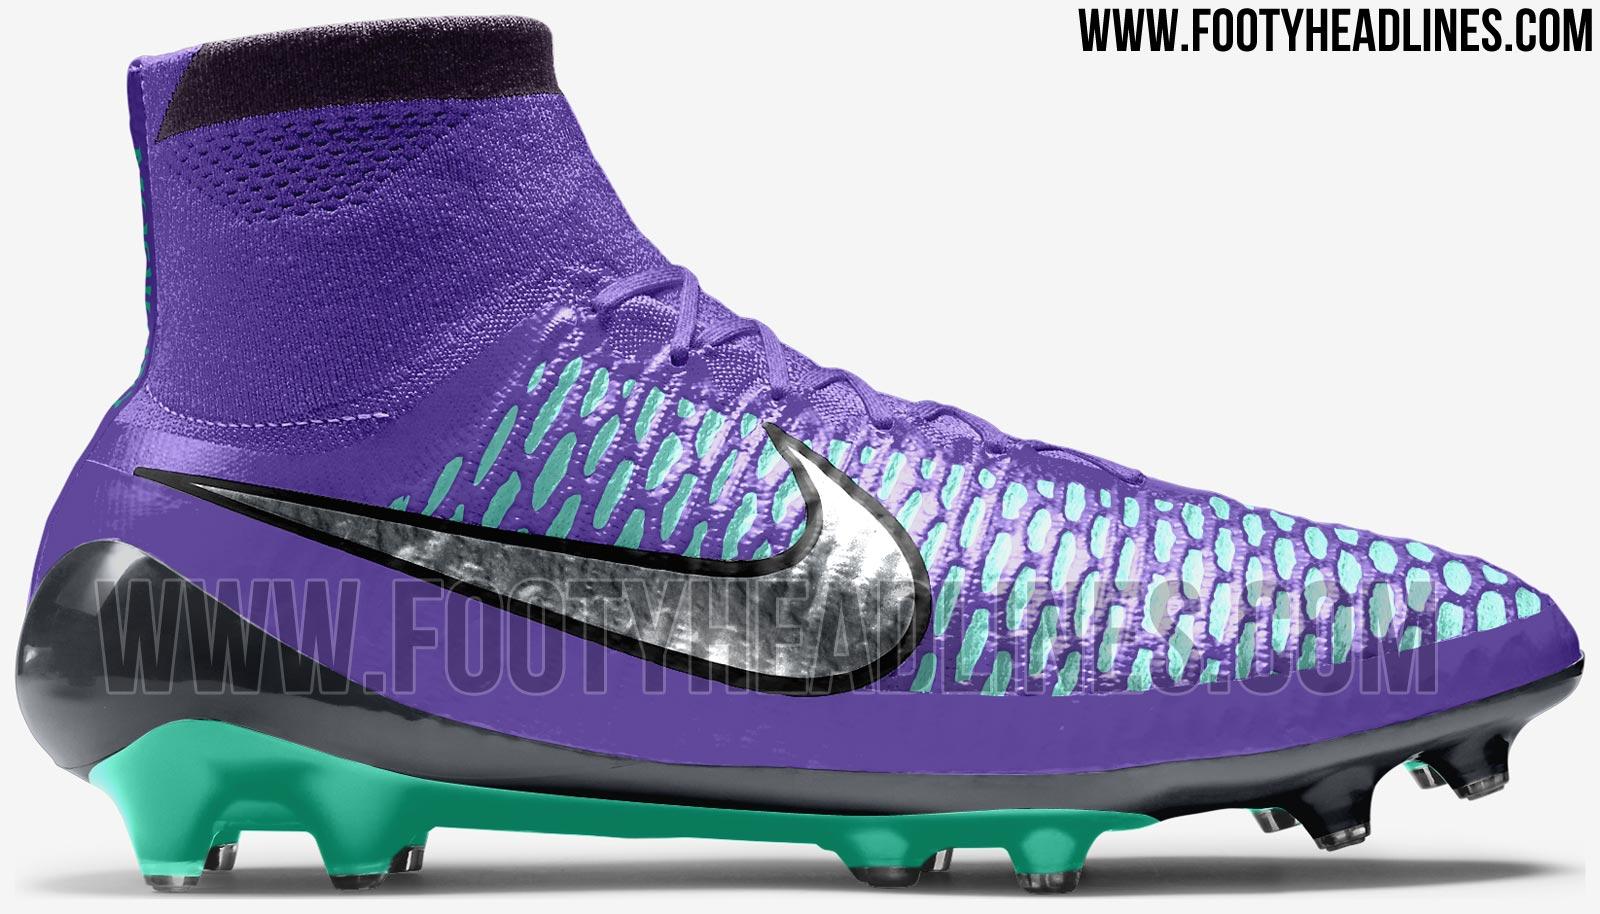 Purple Nike Magista Obra 2016 Boots Leaked ~ Muhamad Arie ...